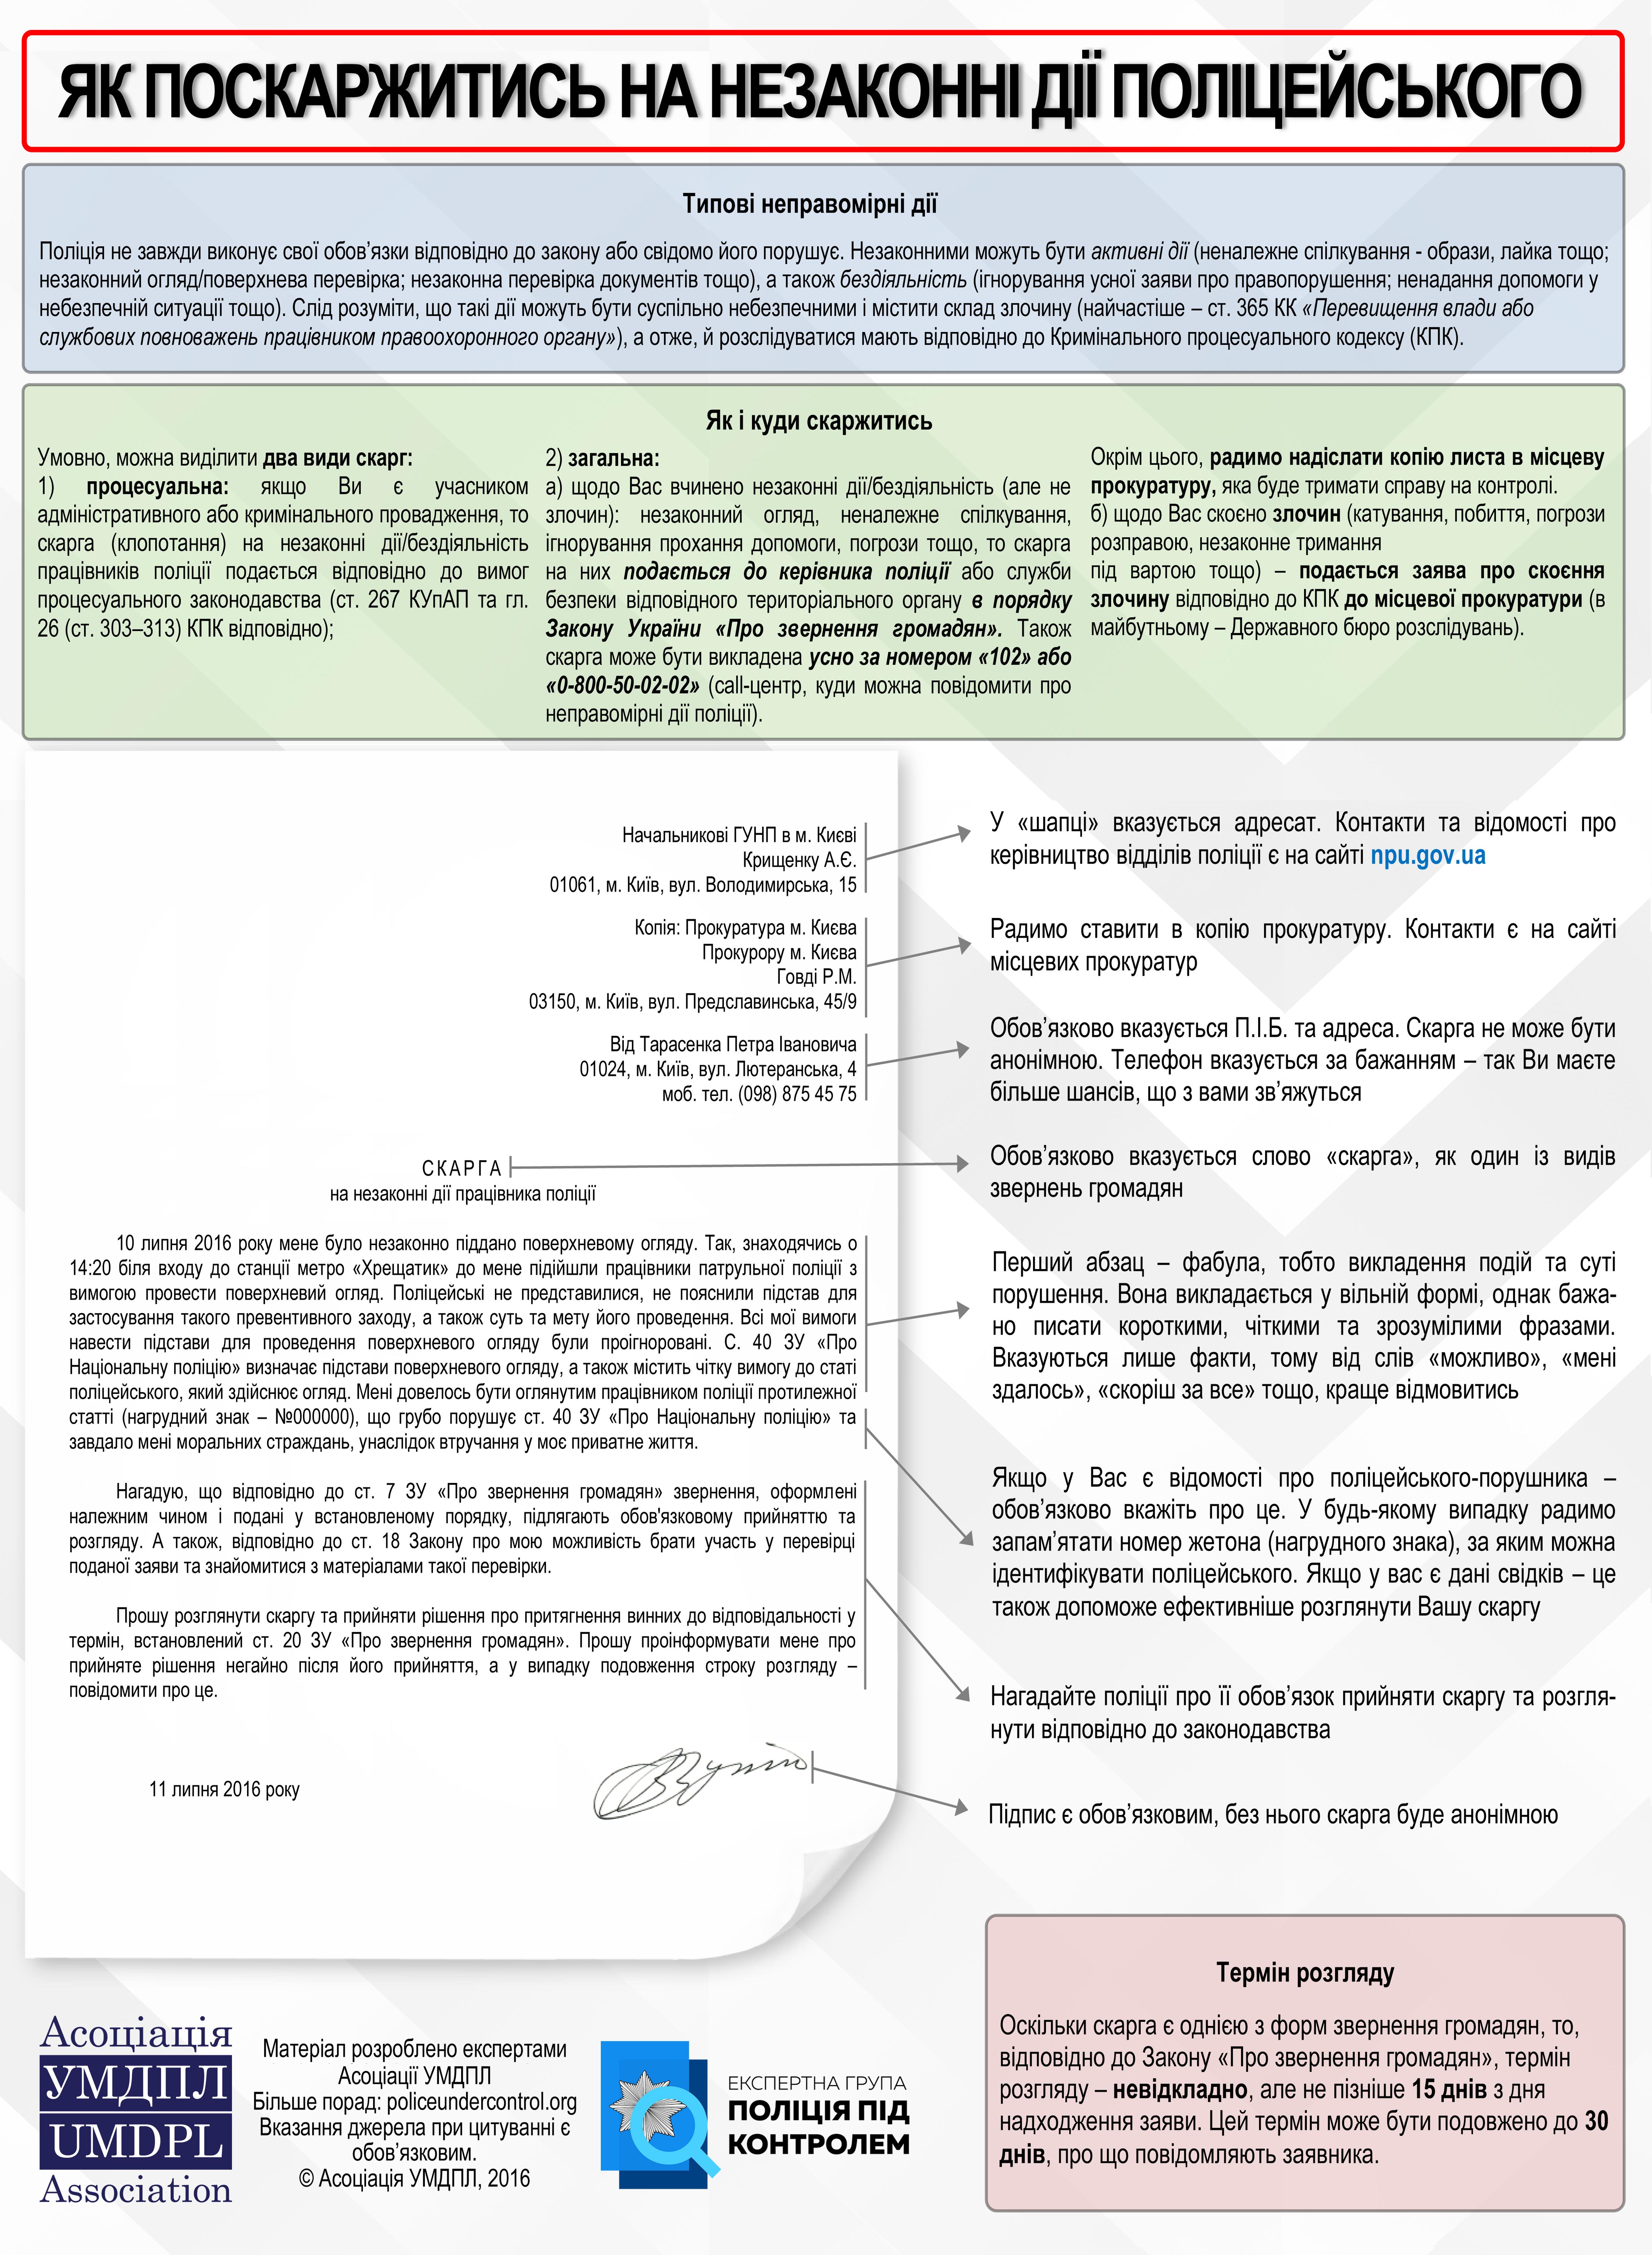 YaK-POSKARZhYTYS-NA-NEZAKONNi-DII---POLITsEY--SKOHO_final_2